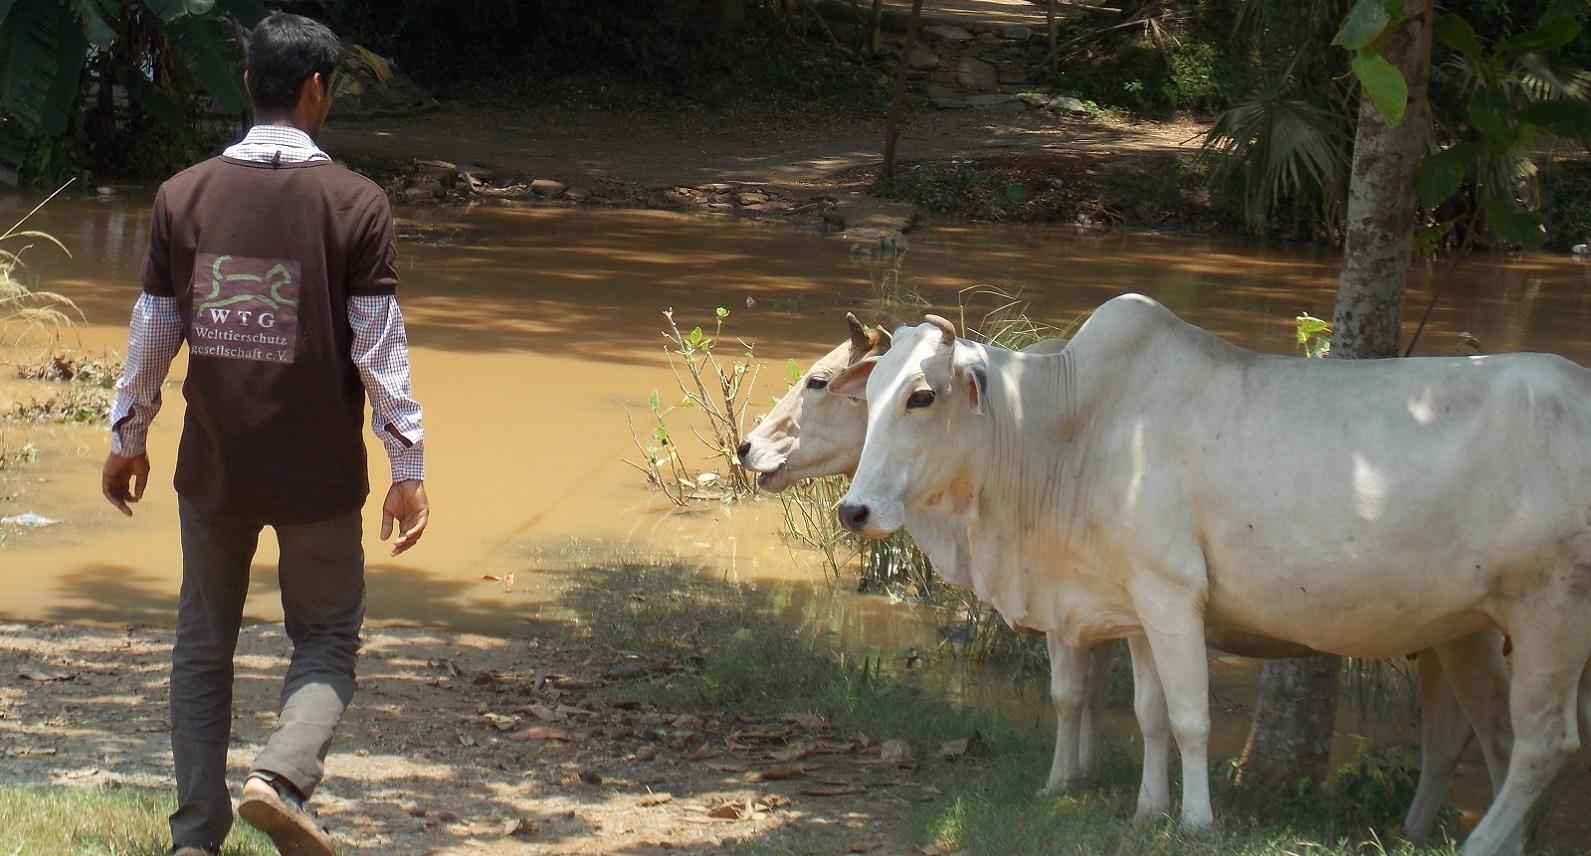 Folgen der Flut in Indien: Es fehlt an Futter und sauberem Wasser